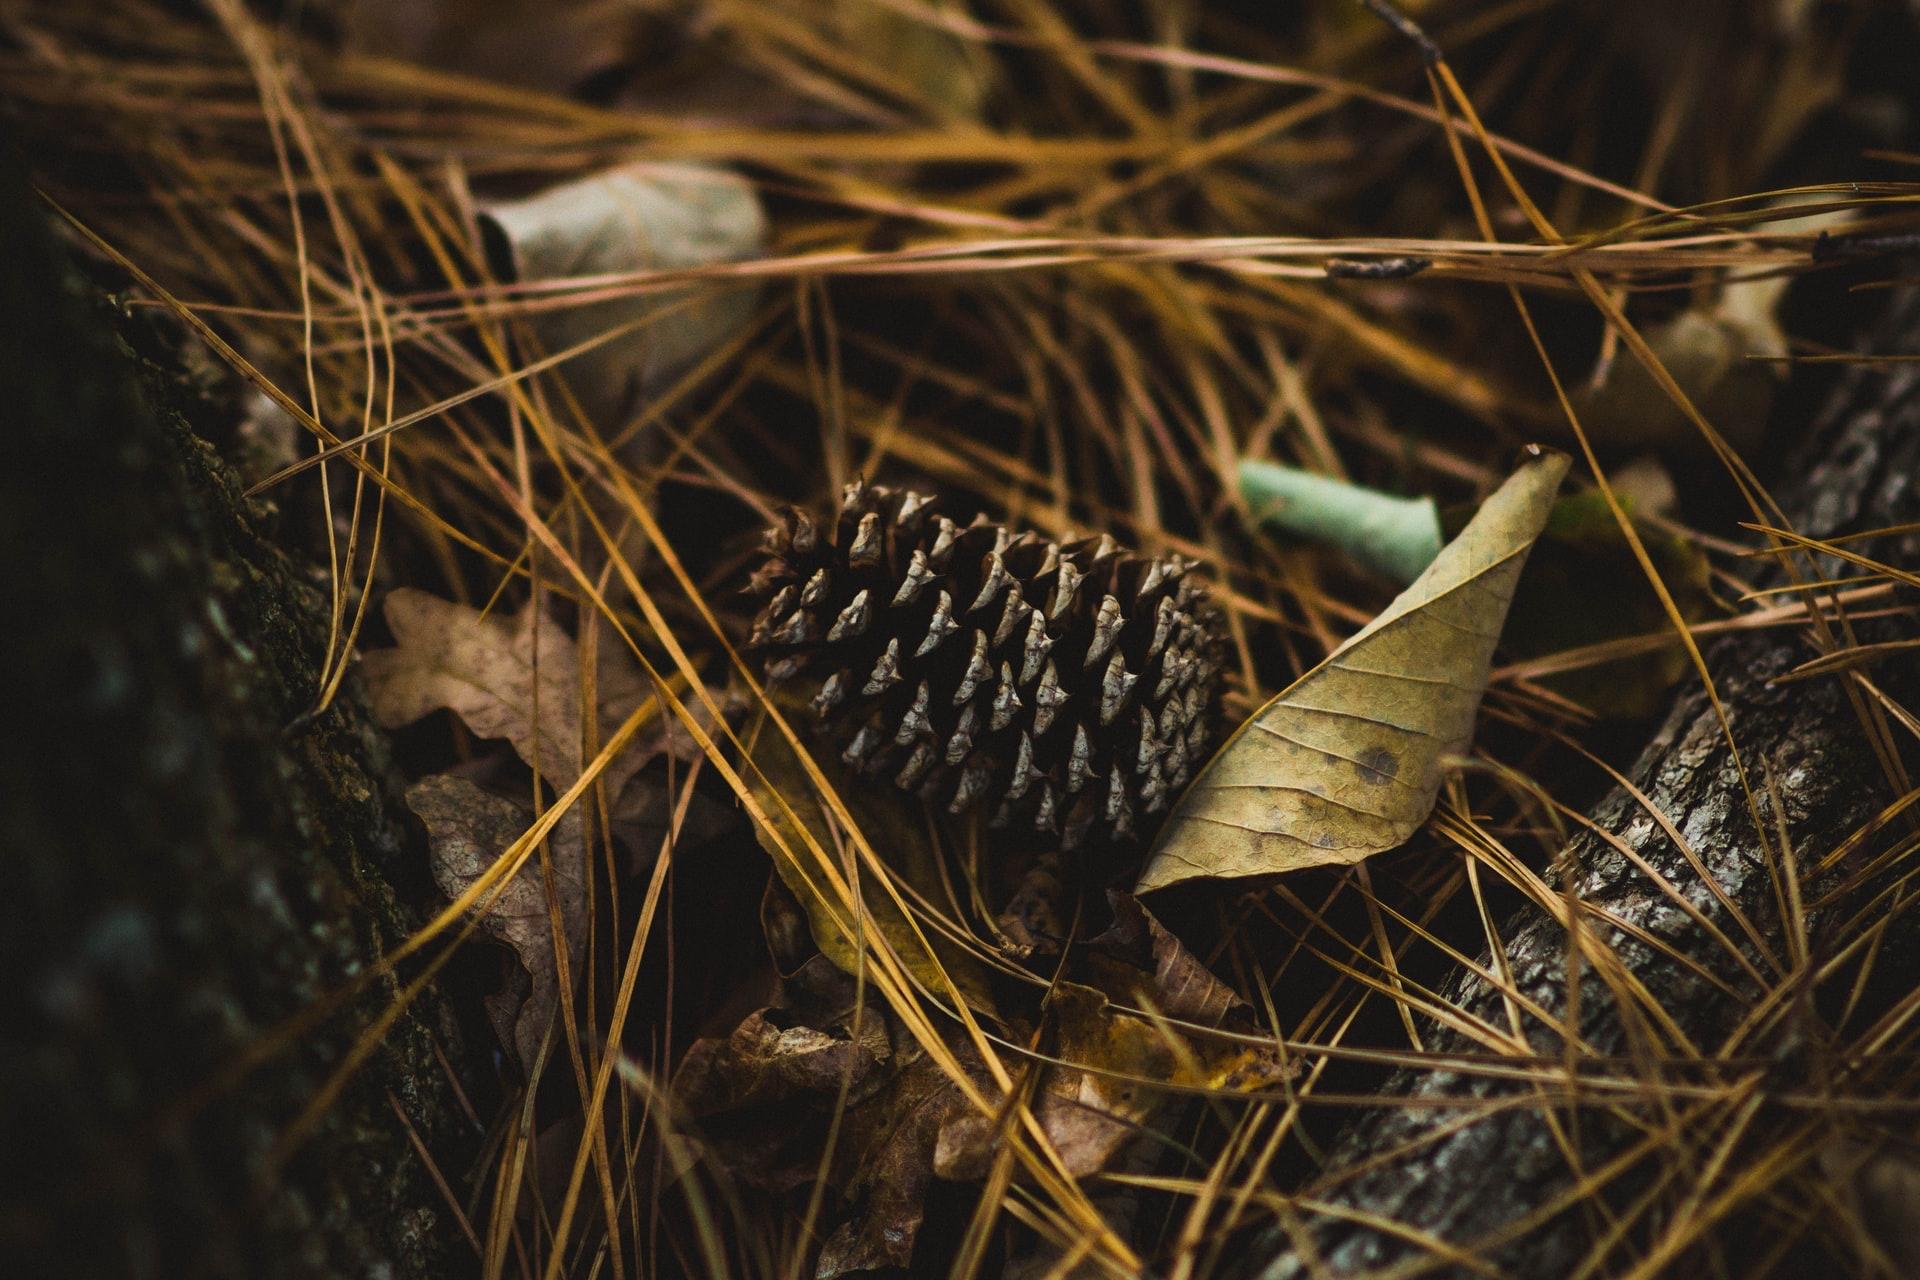 焚火の火種となる松ぼっくりや枯れ葉